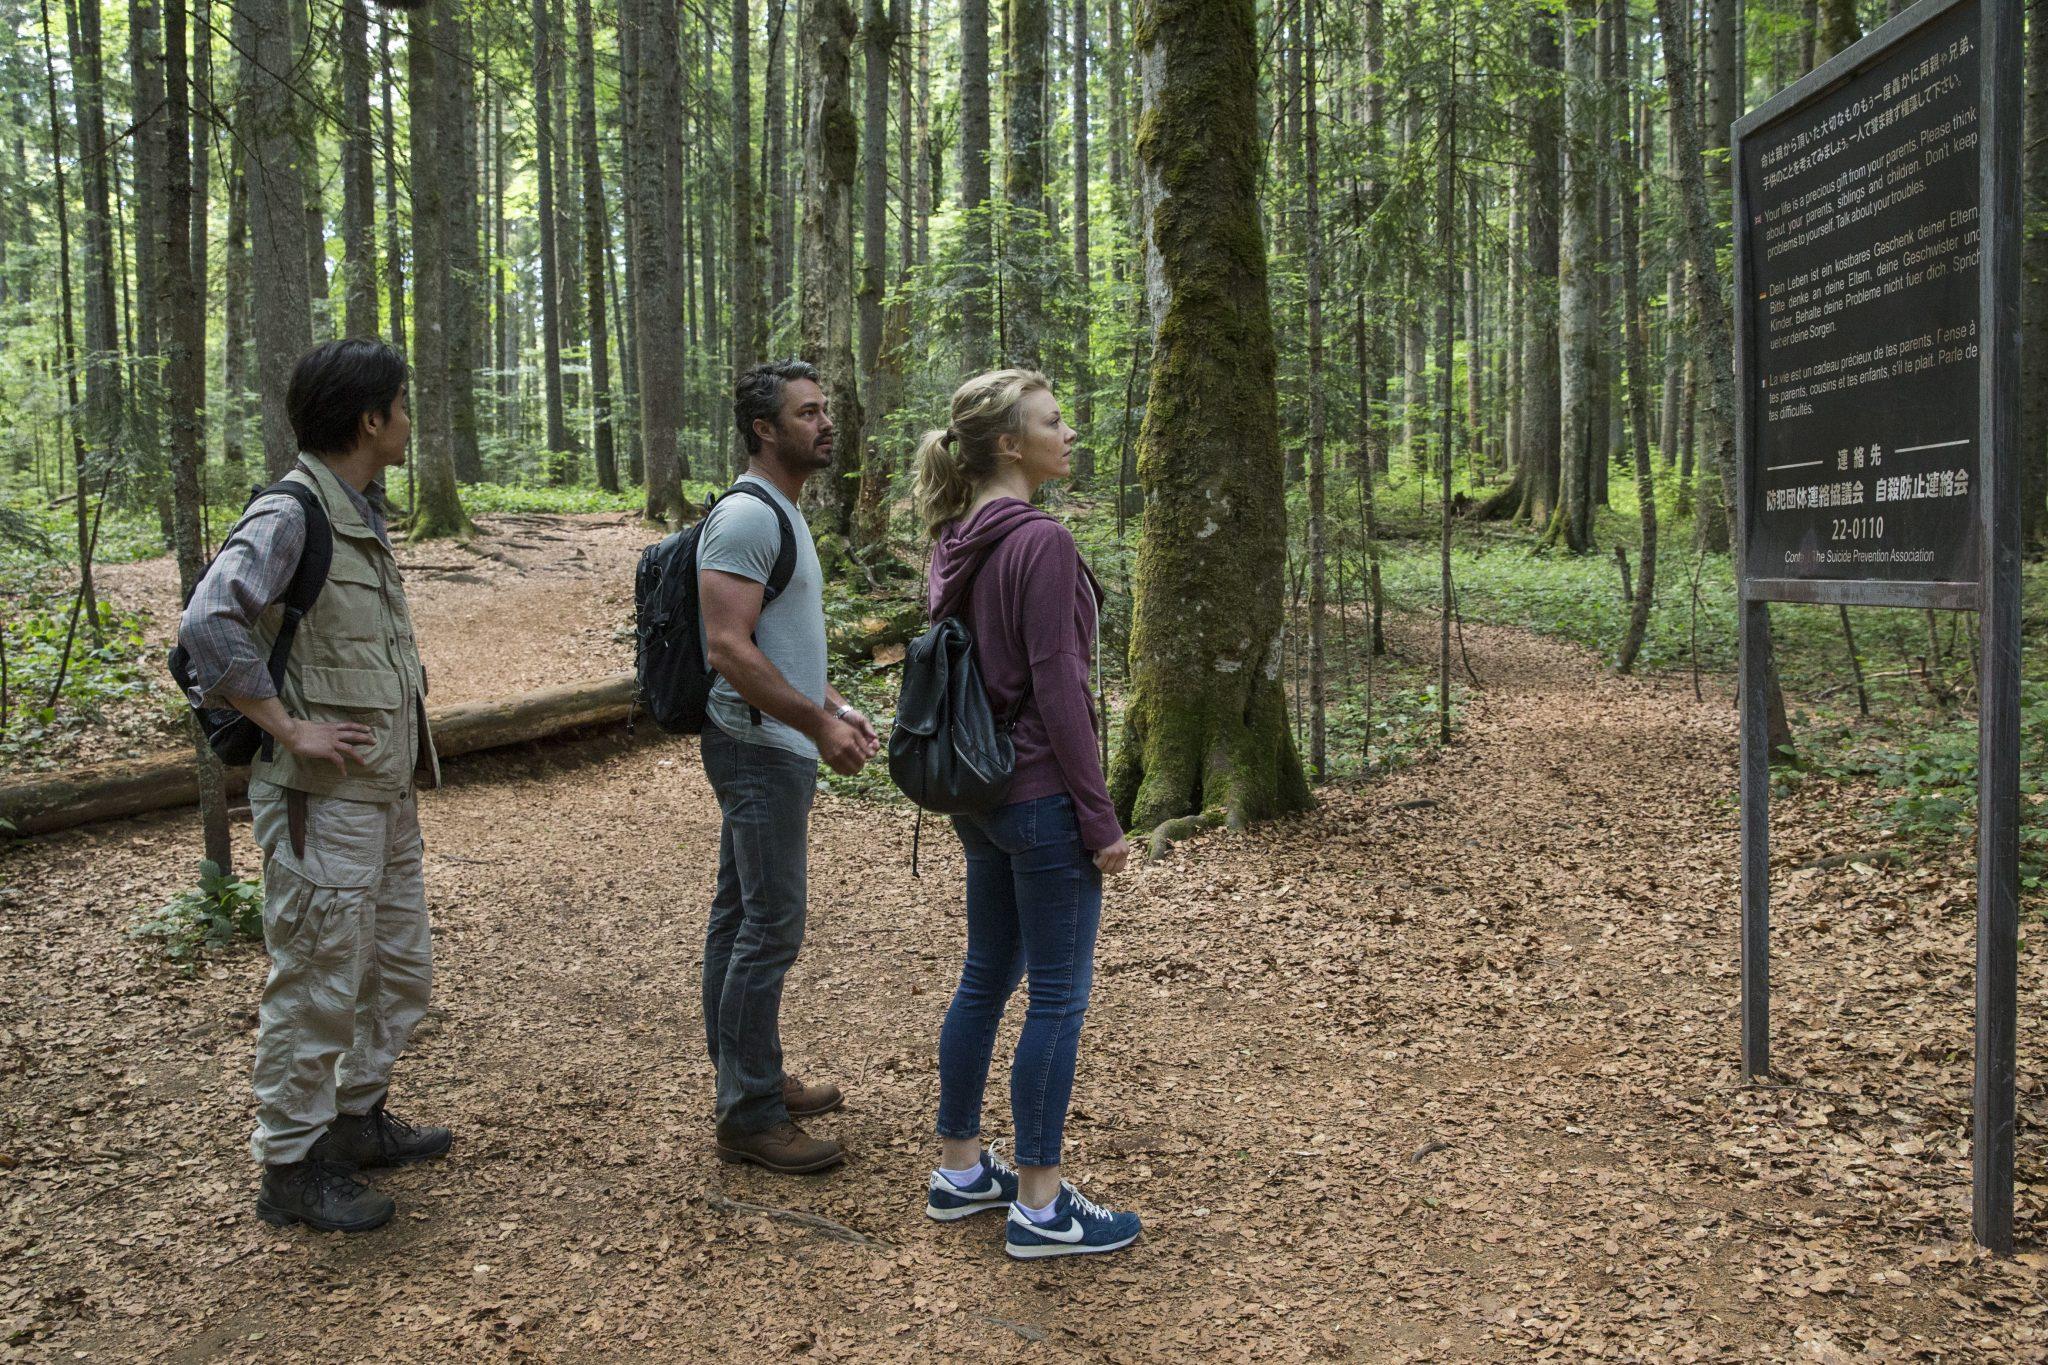 Сестру в лесу онлайн 3 фотография